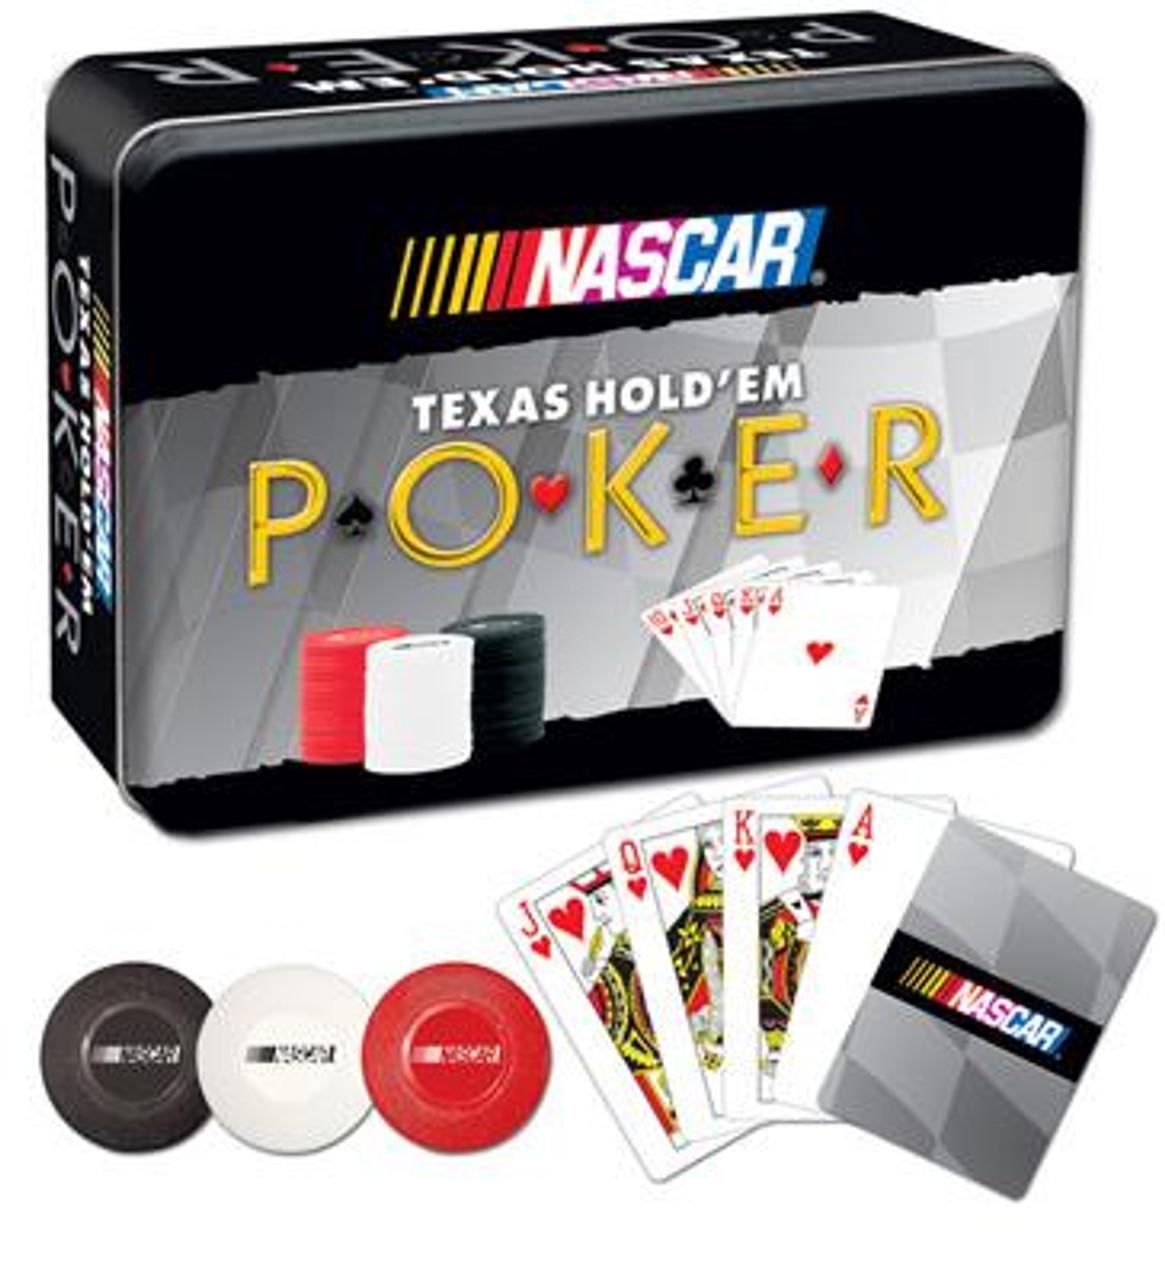 NASCAR Texas Hold 'Em Poker Collector's Set